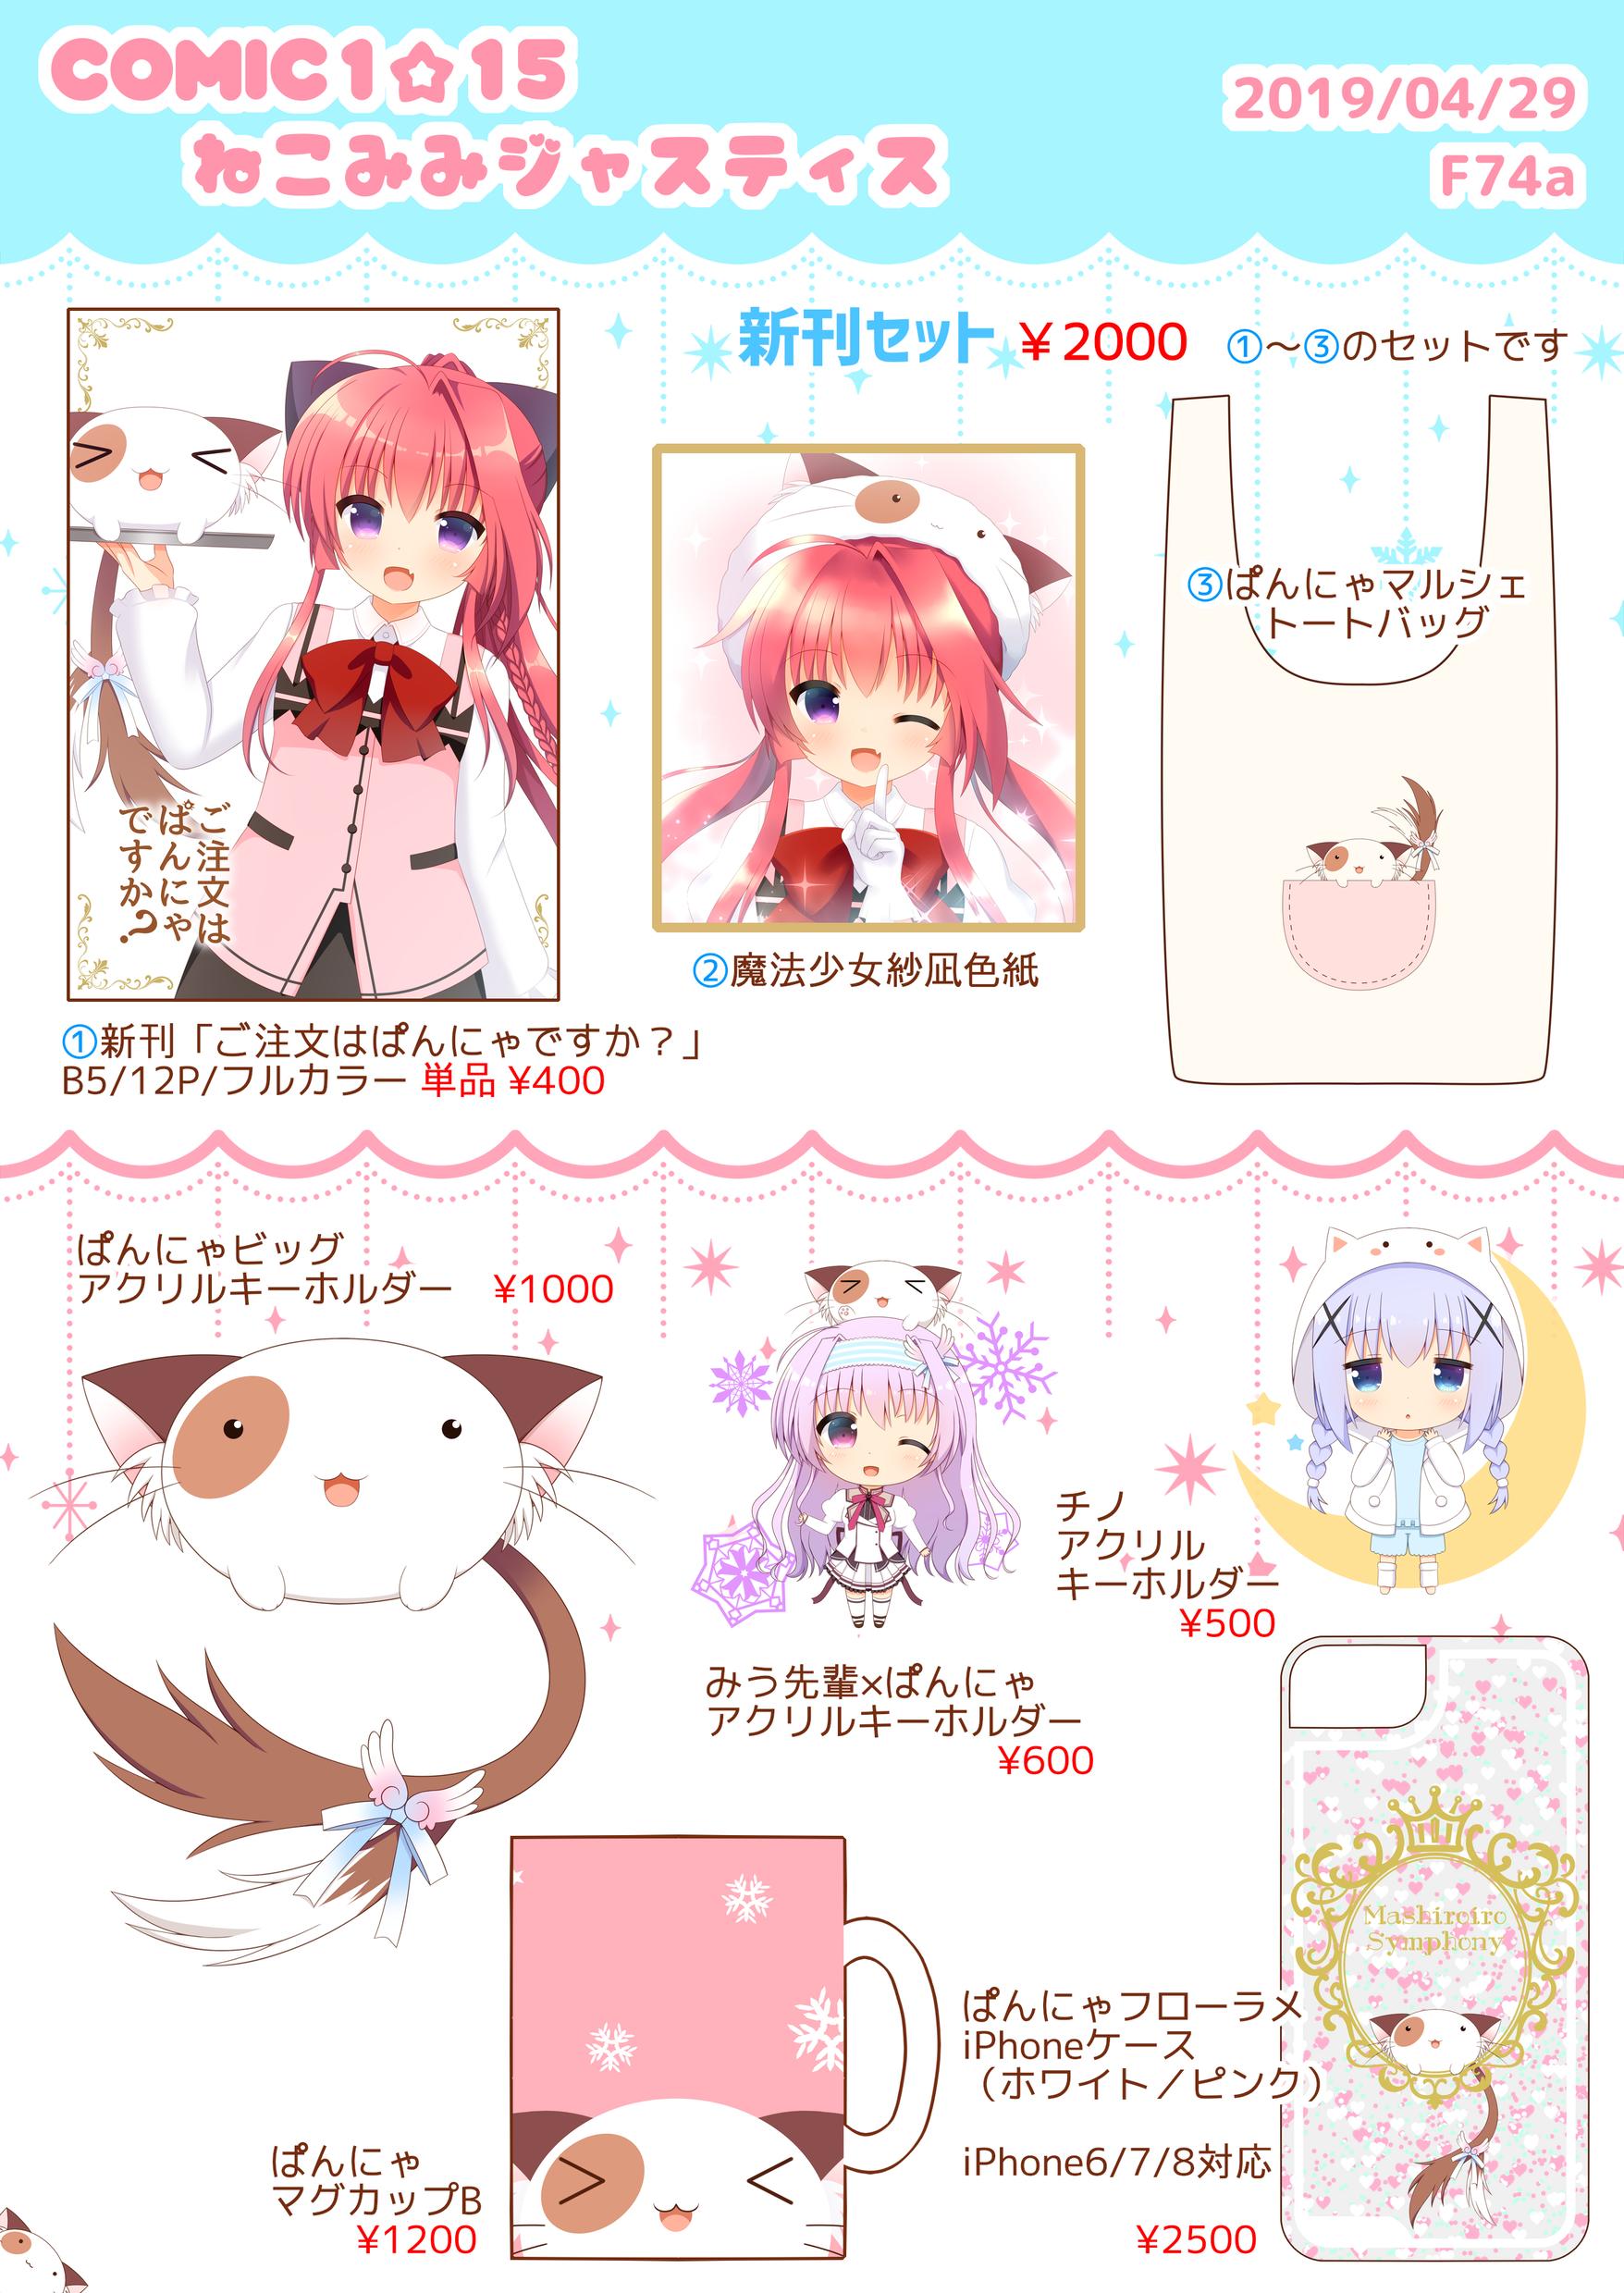 oshinagaki_comi1_15_b.png